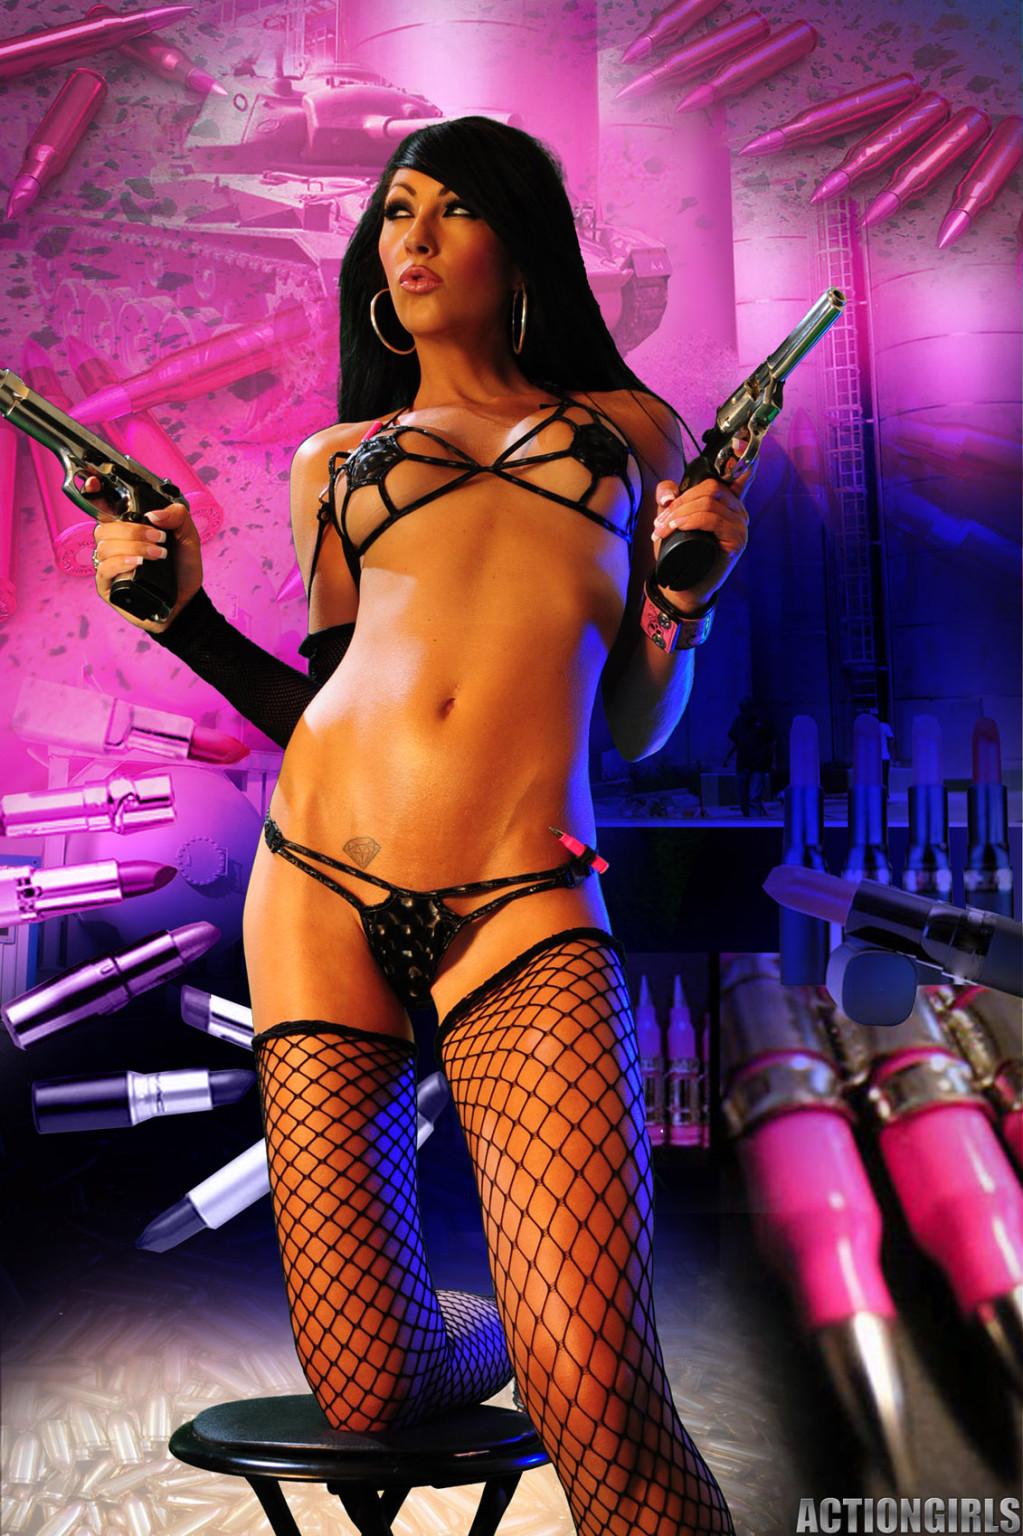 Мисс Чаллис на откровенных фото в белье, чулках и высоких каблуках выглядит просто супер, а с пистолетом еще и опасно